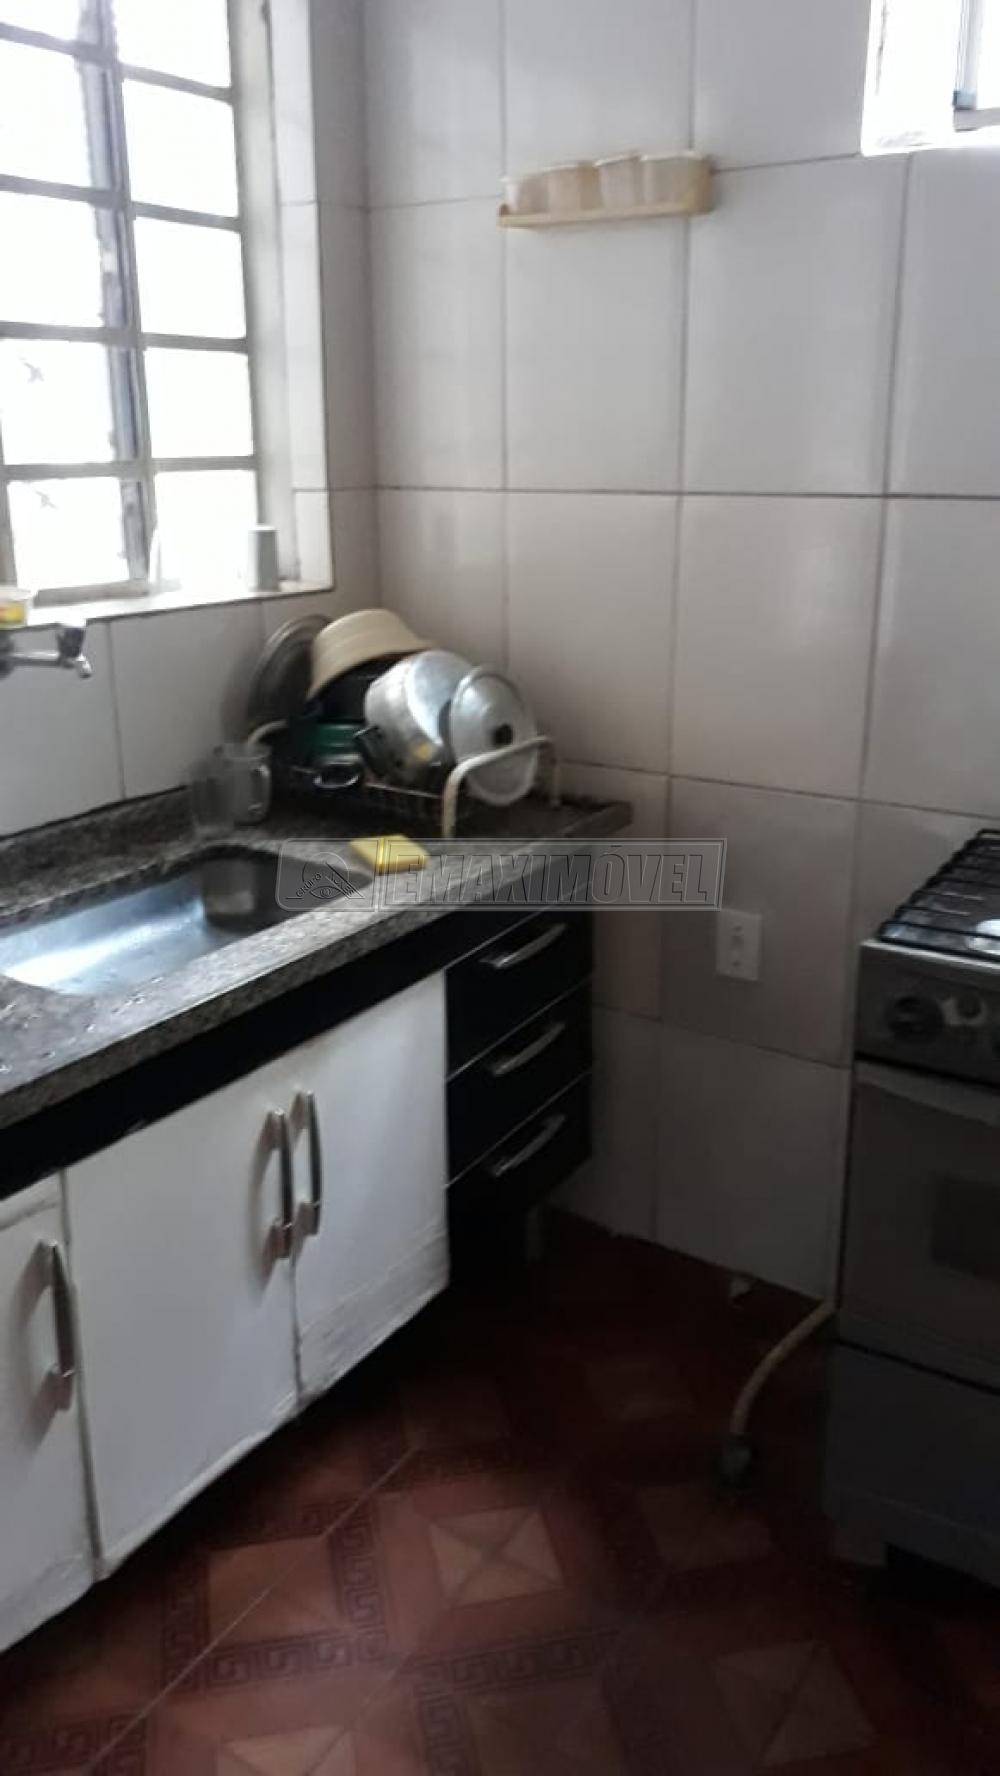 Comprar Casas / em Bairros em Votorantim apenas R$ 200.000,00 - Foto 8